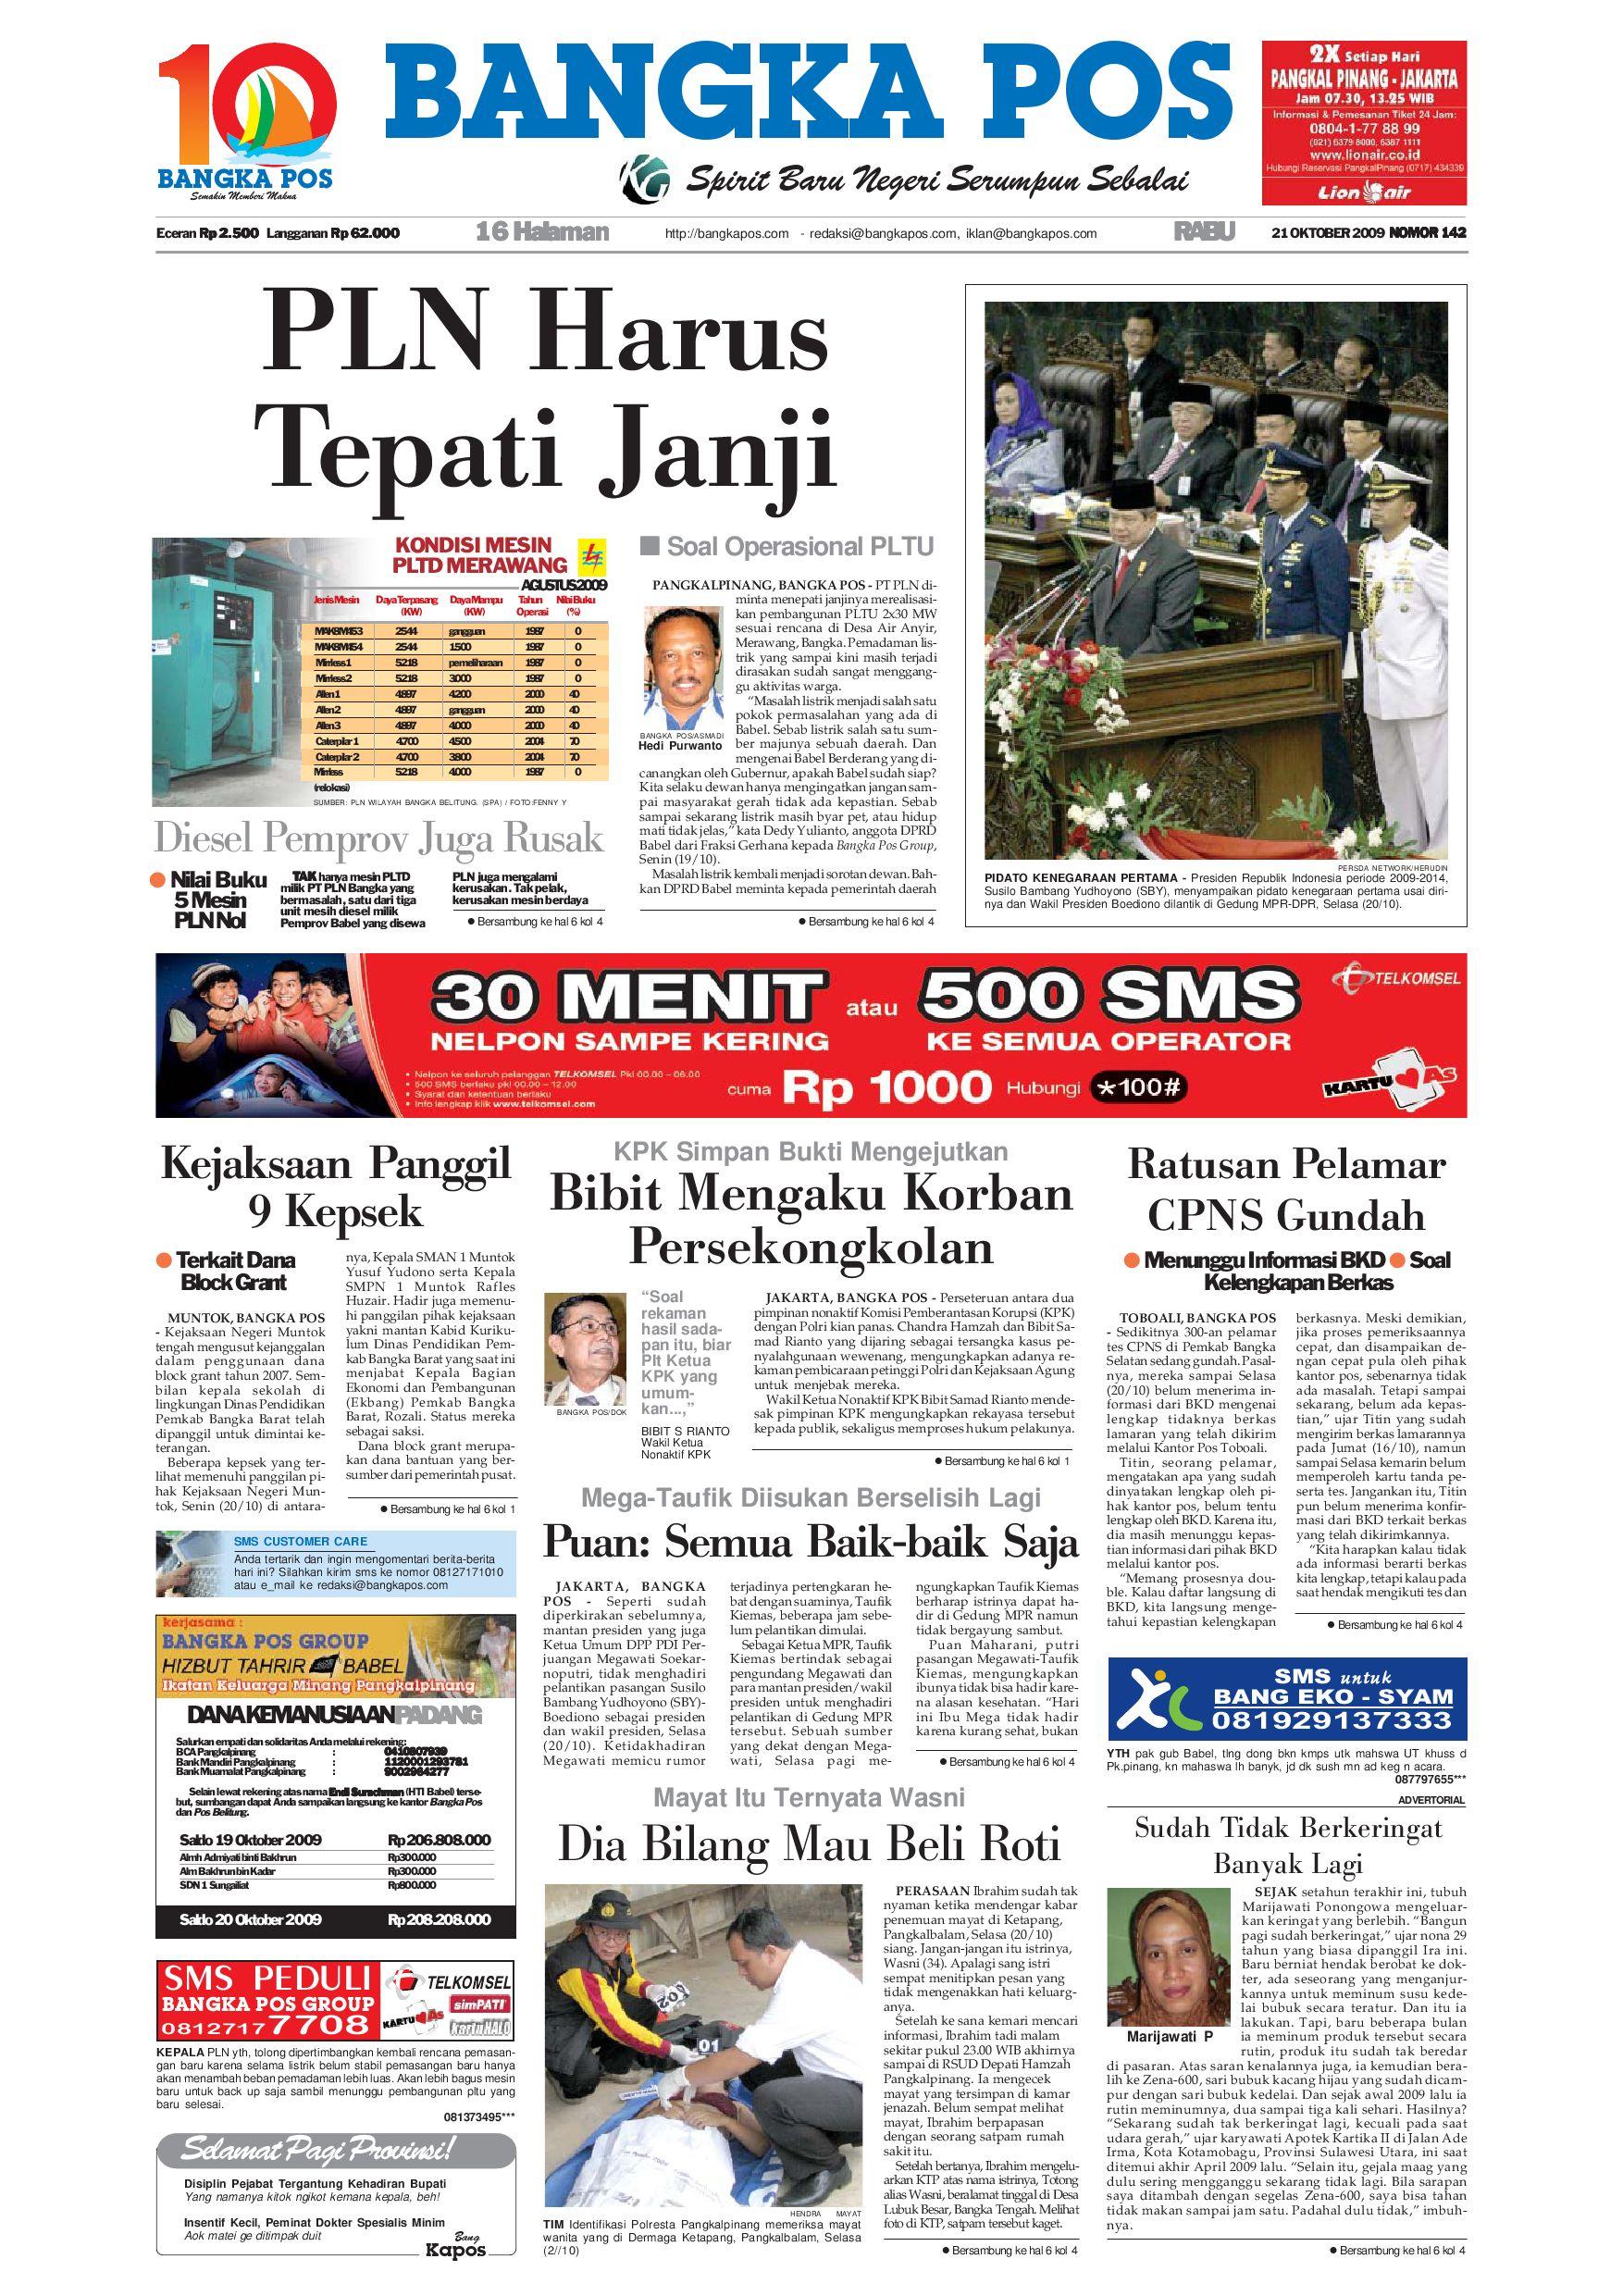 Harian Pagi Bangka Pos Edisi 21 Oktober 2009 by bangka pos - issuu 635112e2bb